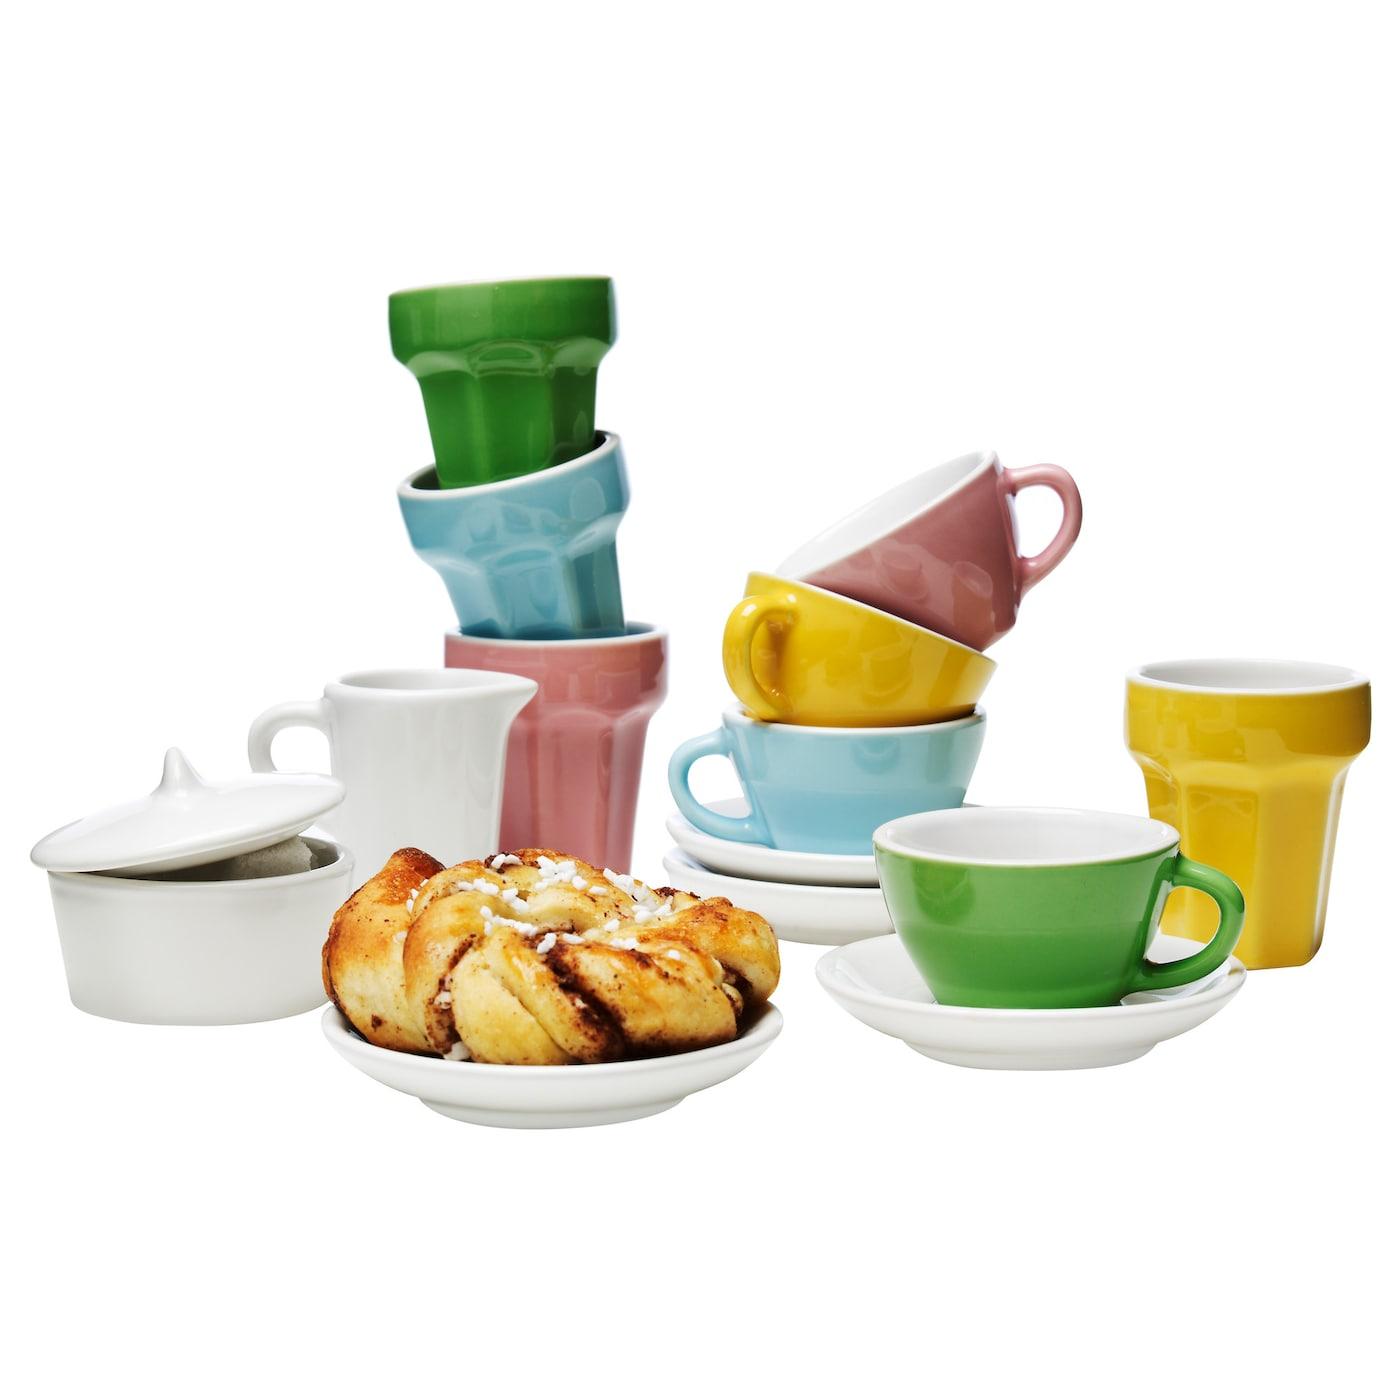 DUKTIG 10-piece coffee/tea set Multicolour